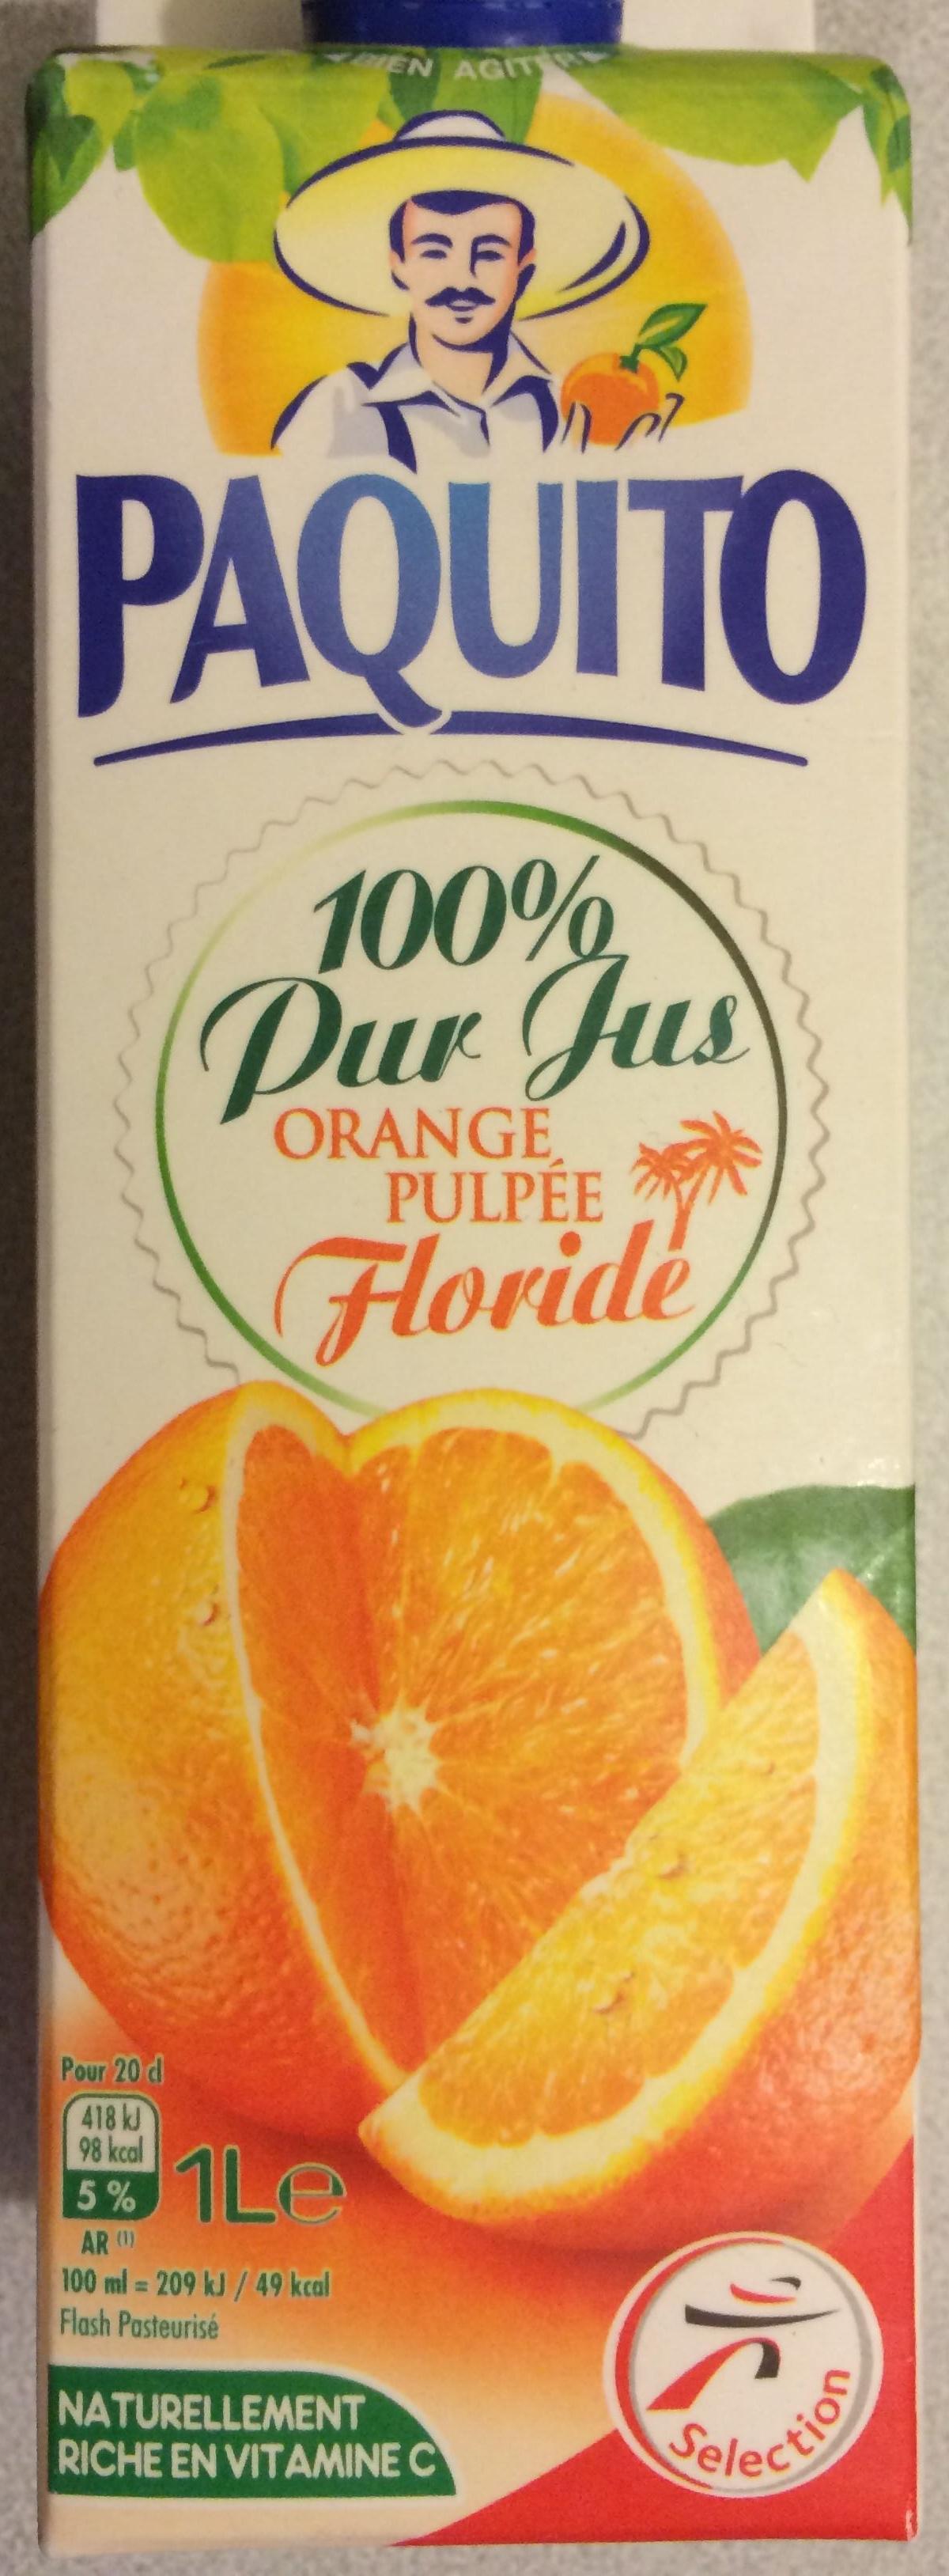 100 % Pur Jus Orange avec pulpe Floride - Product - fr